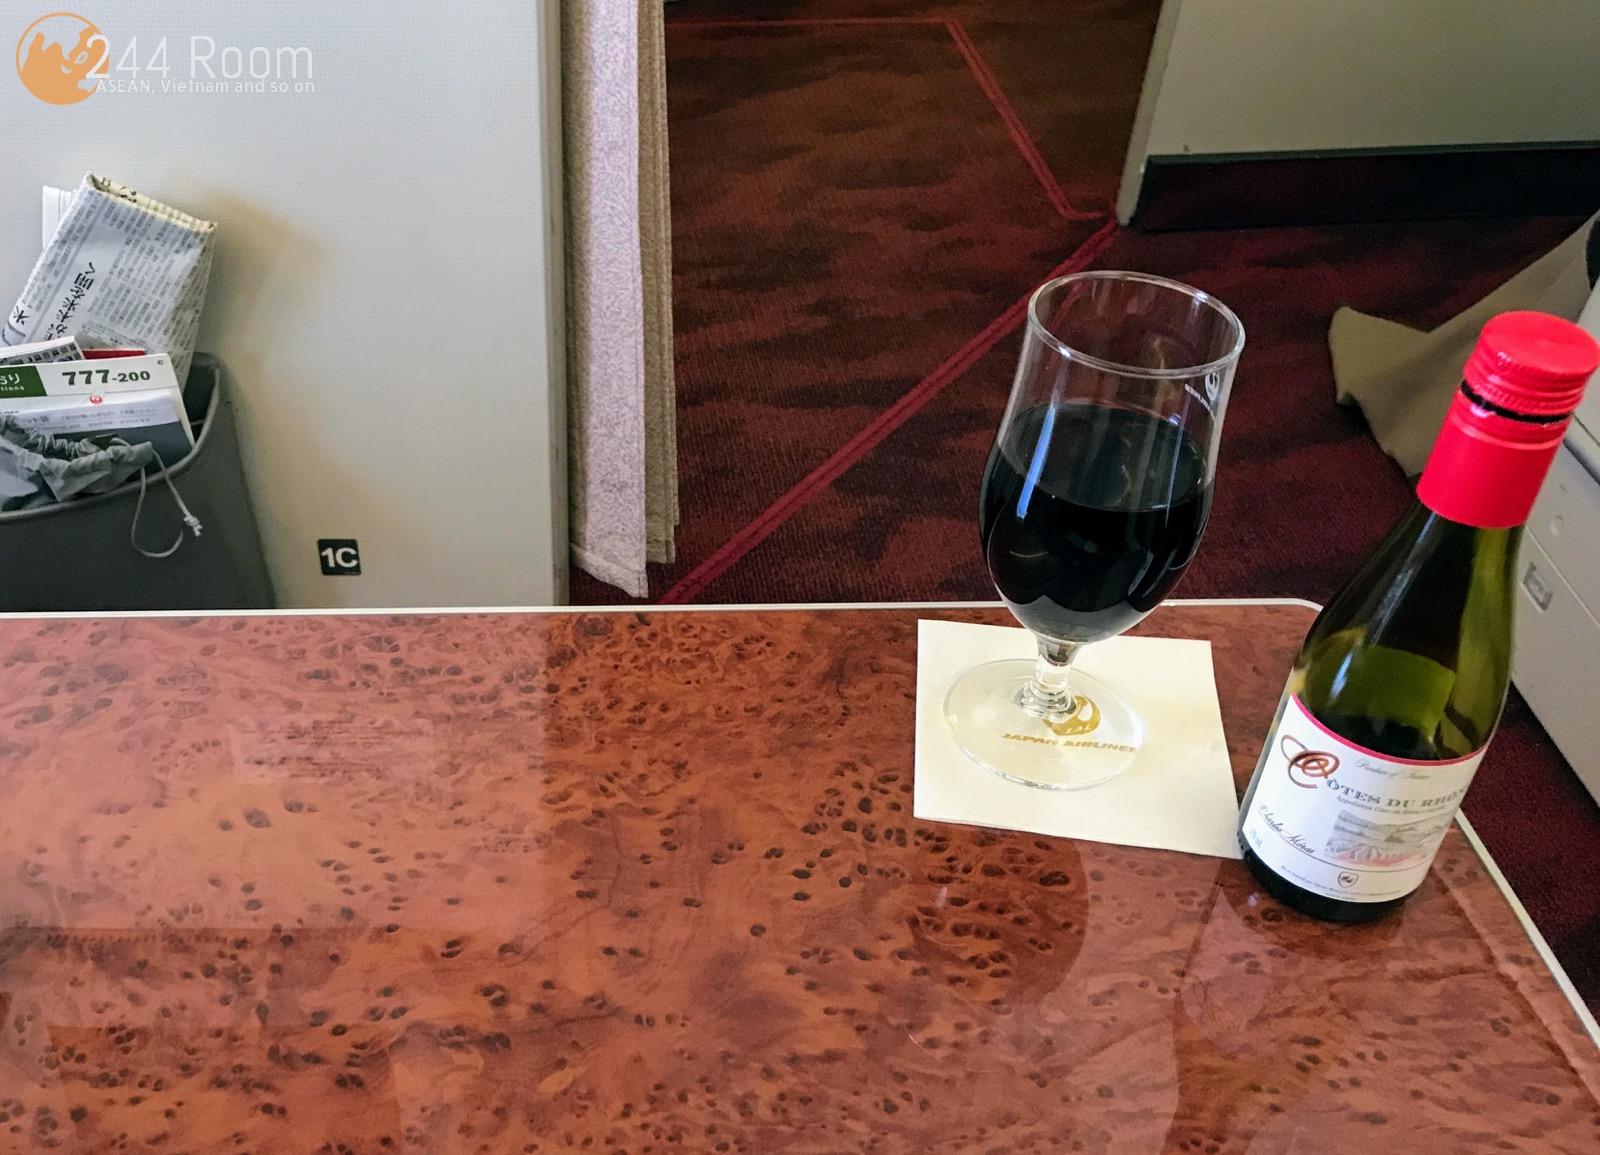 JAL-domestic-firstclass-drink